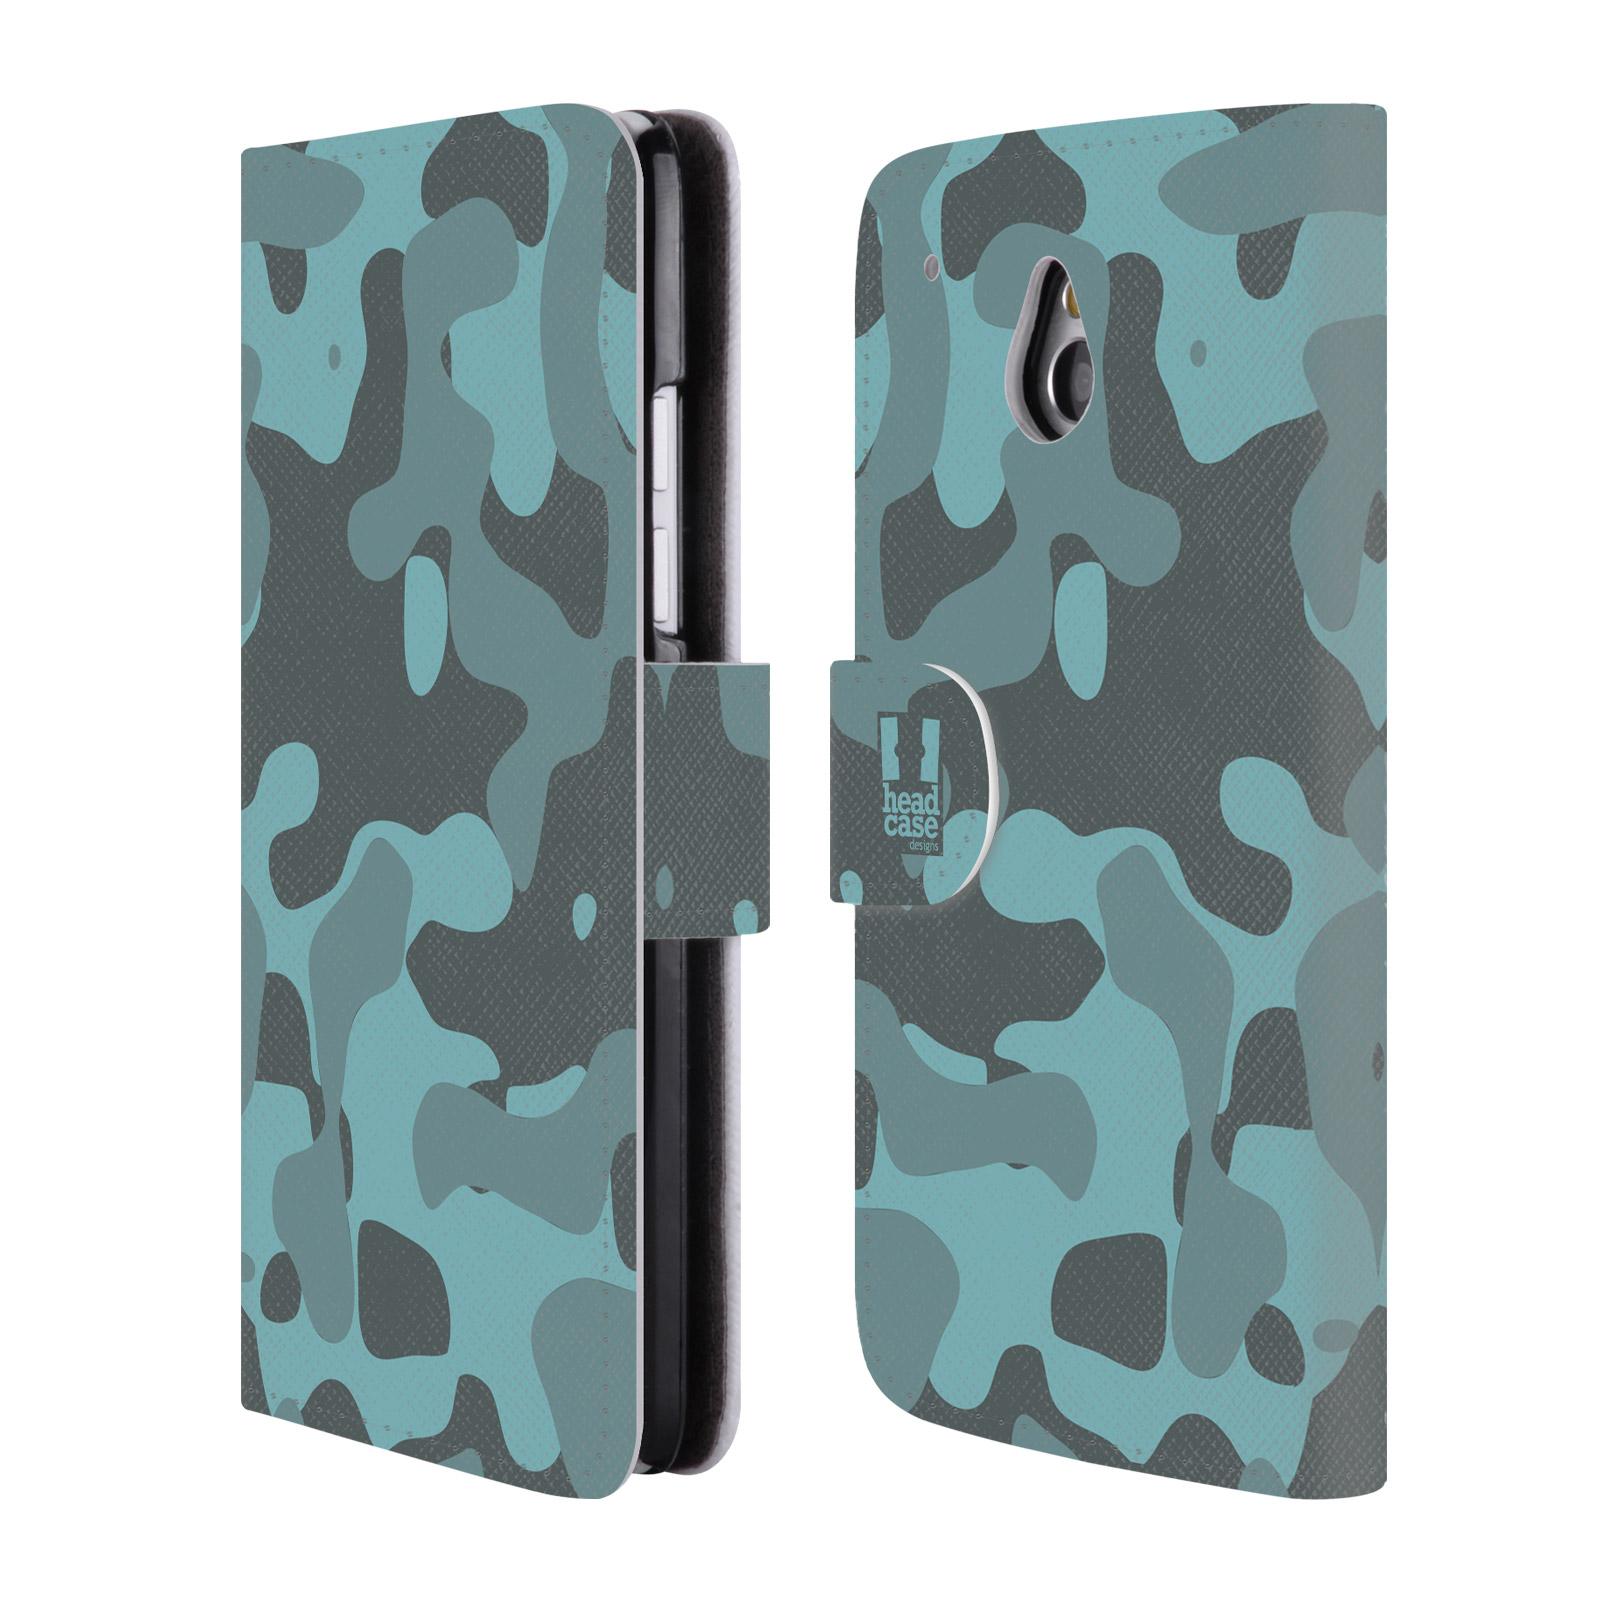 HEAD CASE Flipové pouzdro pro mobil HTC ONE MINI (M4) lehká barevná kamufláž modrá